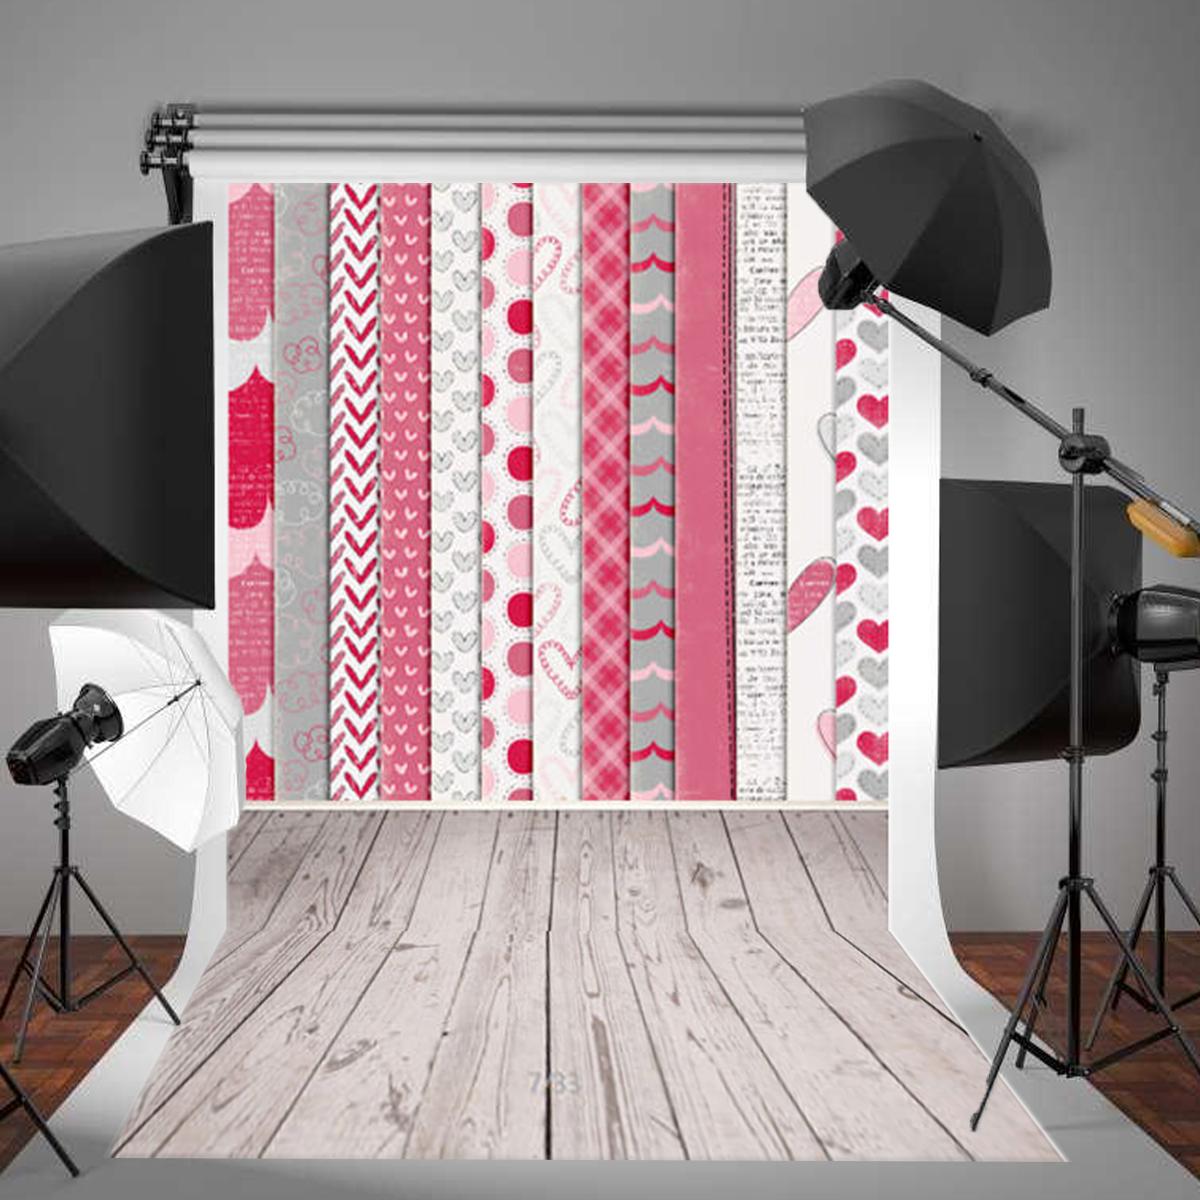 Szövet háttér stúdió fotózáshoz.Valentin napi fotó háttér 1.5m x 2.1m 1129320